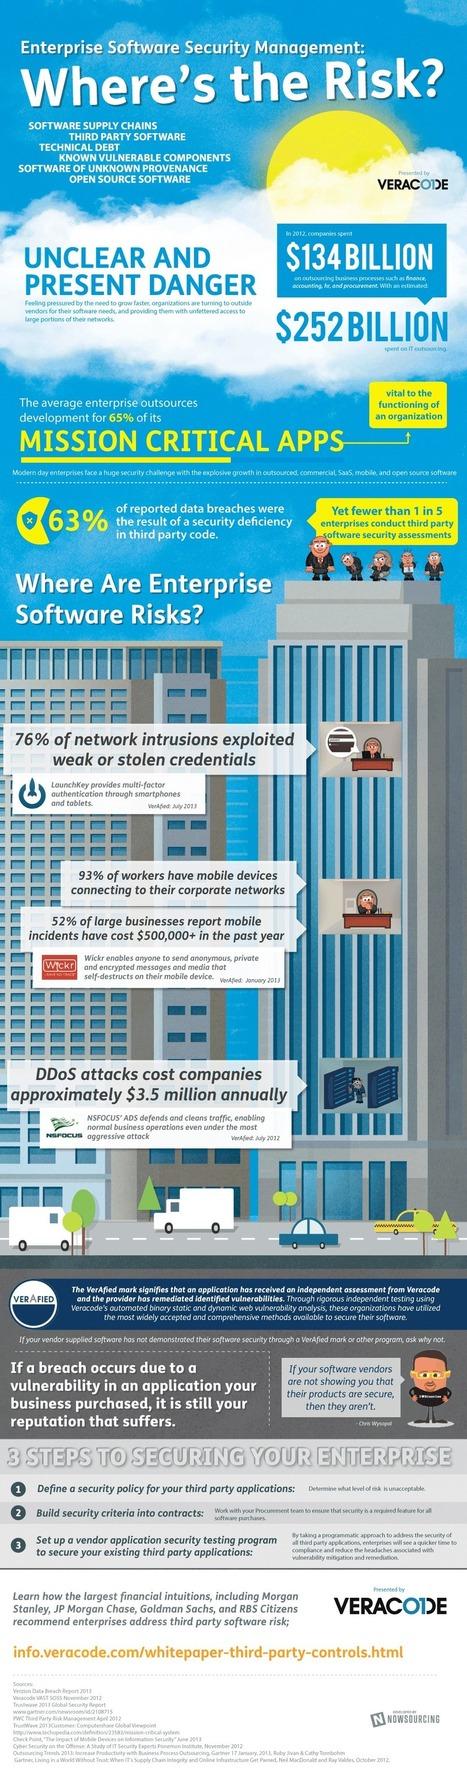 How Risky Is Enterprise Software? [INFOGRAPHIC] | Bedrooms Decorator in Delhi | Scoop.it